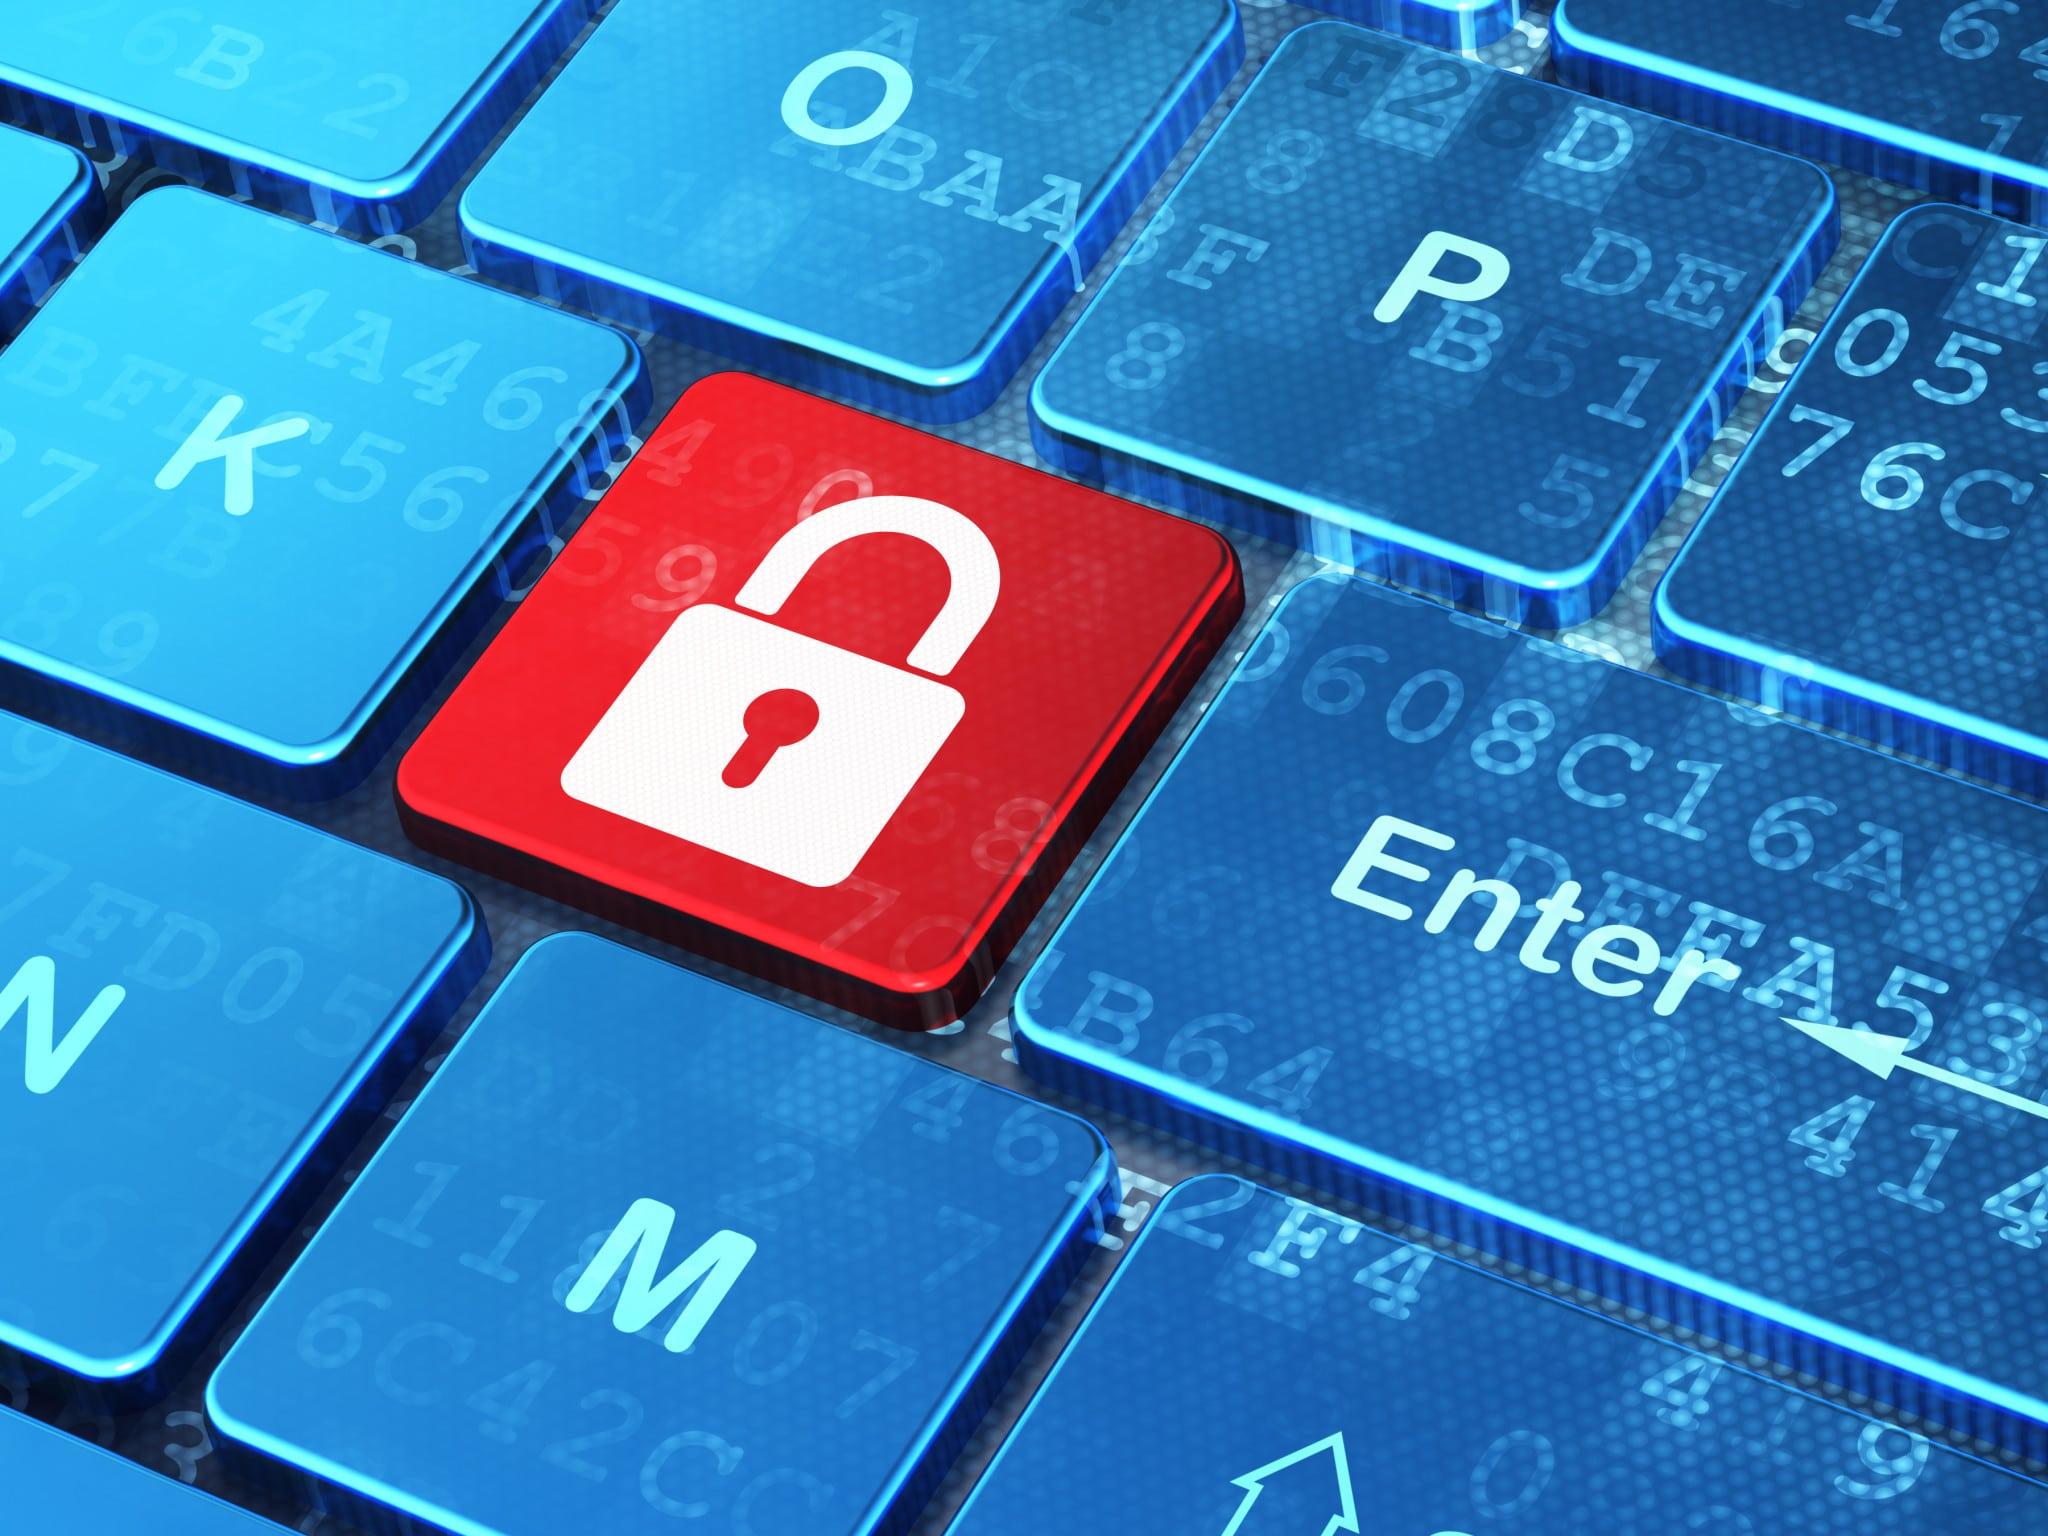 Comcast Xfinity bug security breach